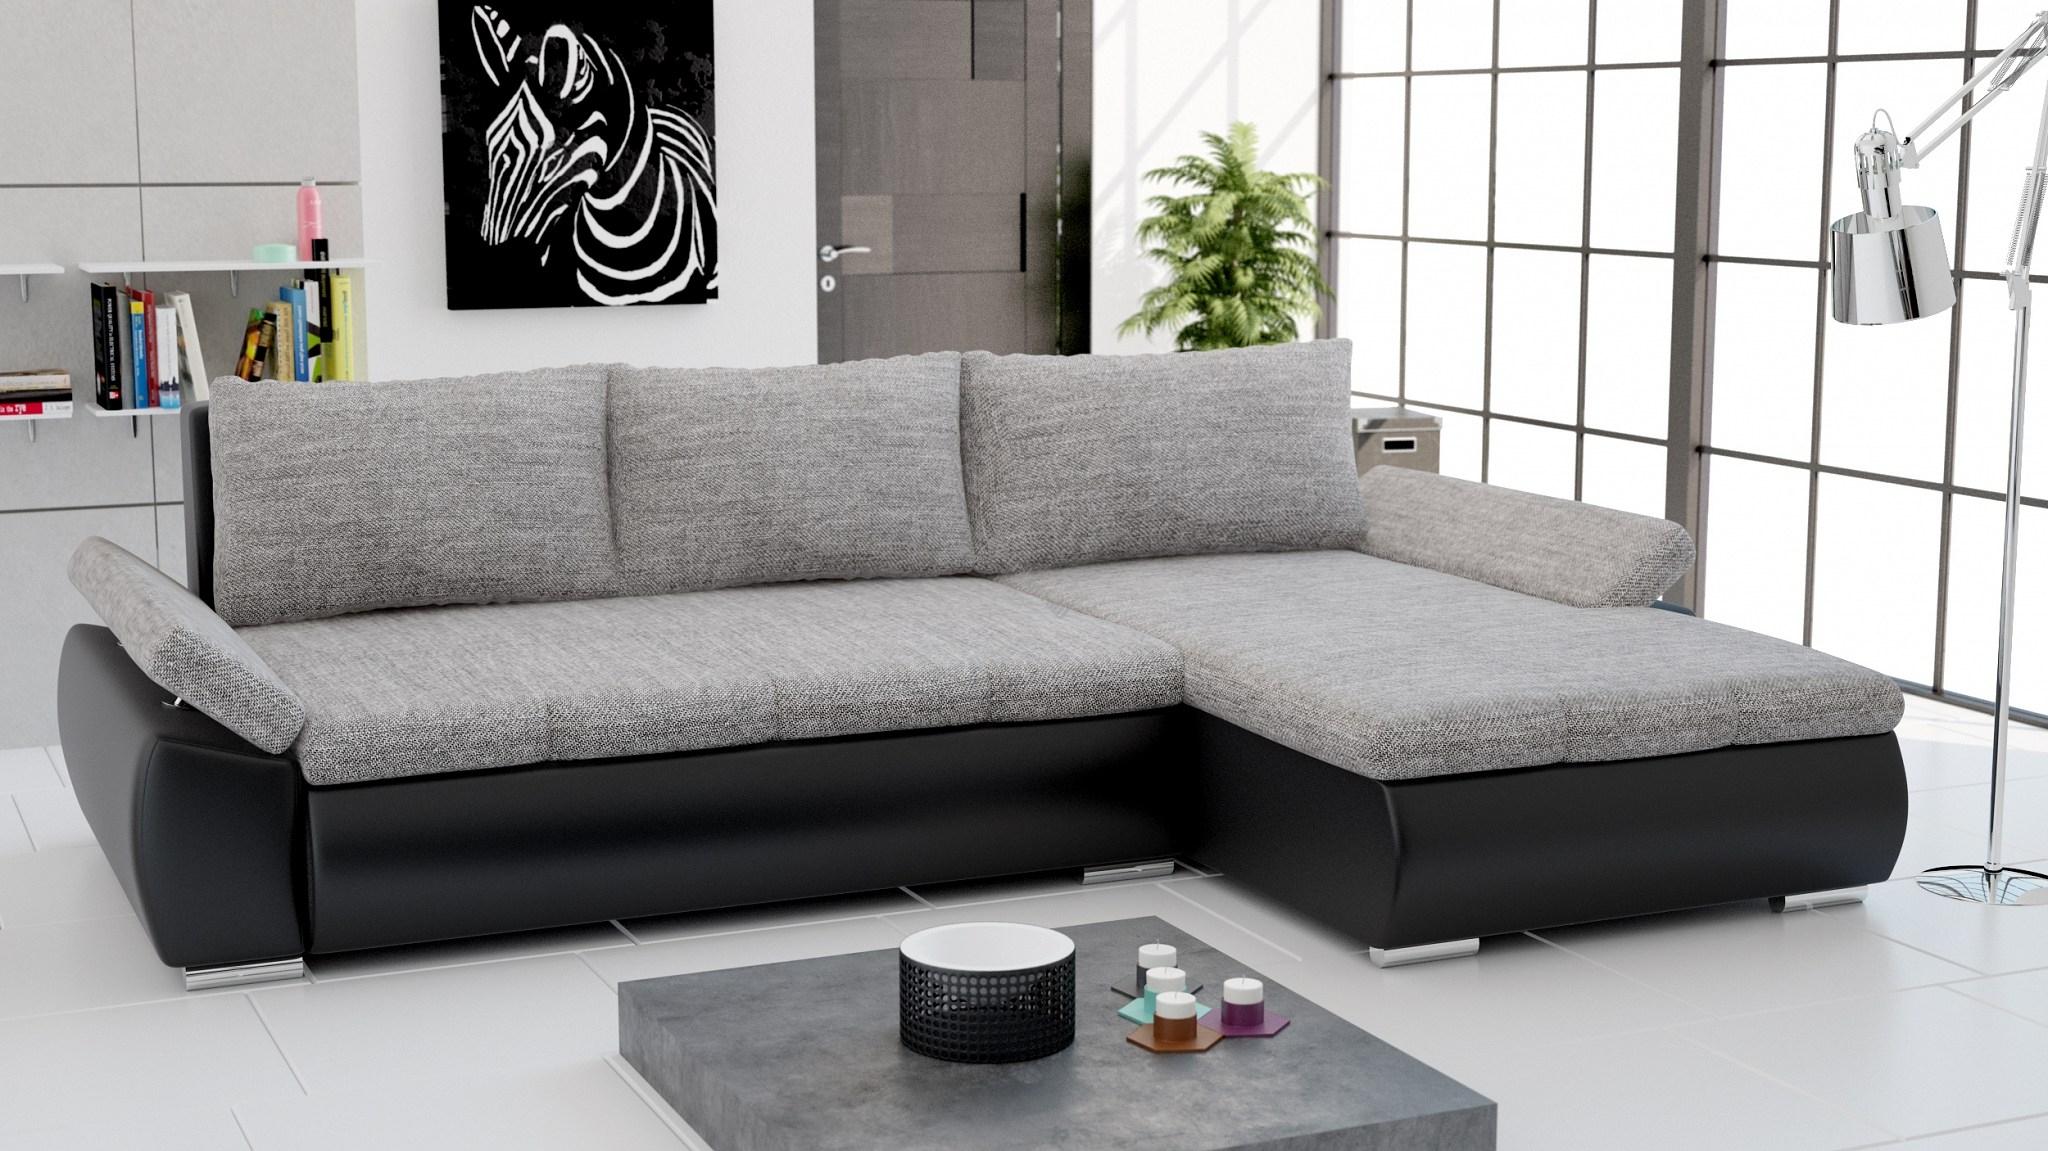 Full Size of Sofa Mit Boxen Poco Integrierten Lautsprecher Und Led Musikboxen Bluetooth Big Couch Licht L Form Sessel Karup Schlaffunktion Federkern Kolonialstil Sofa Sofa Mit Boxen